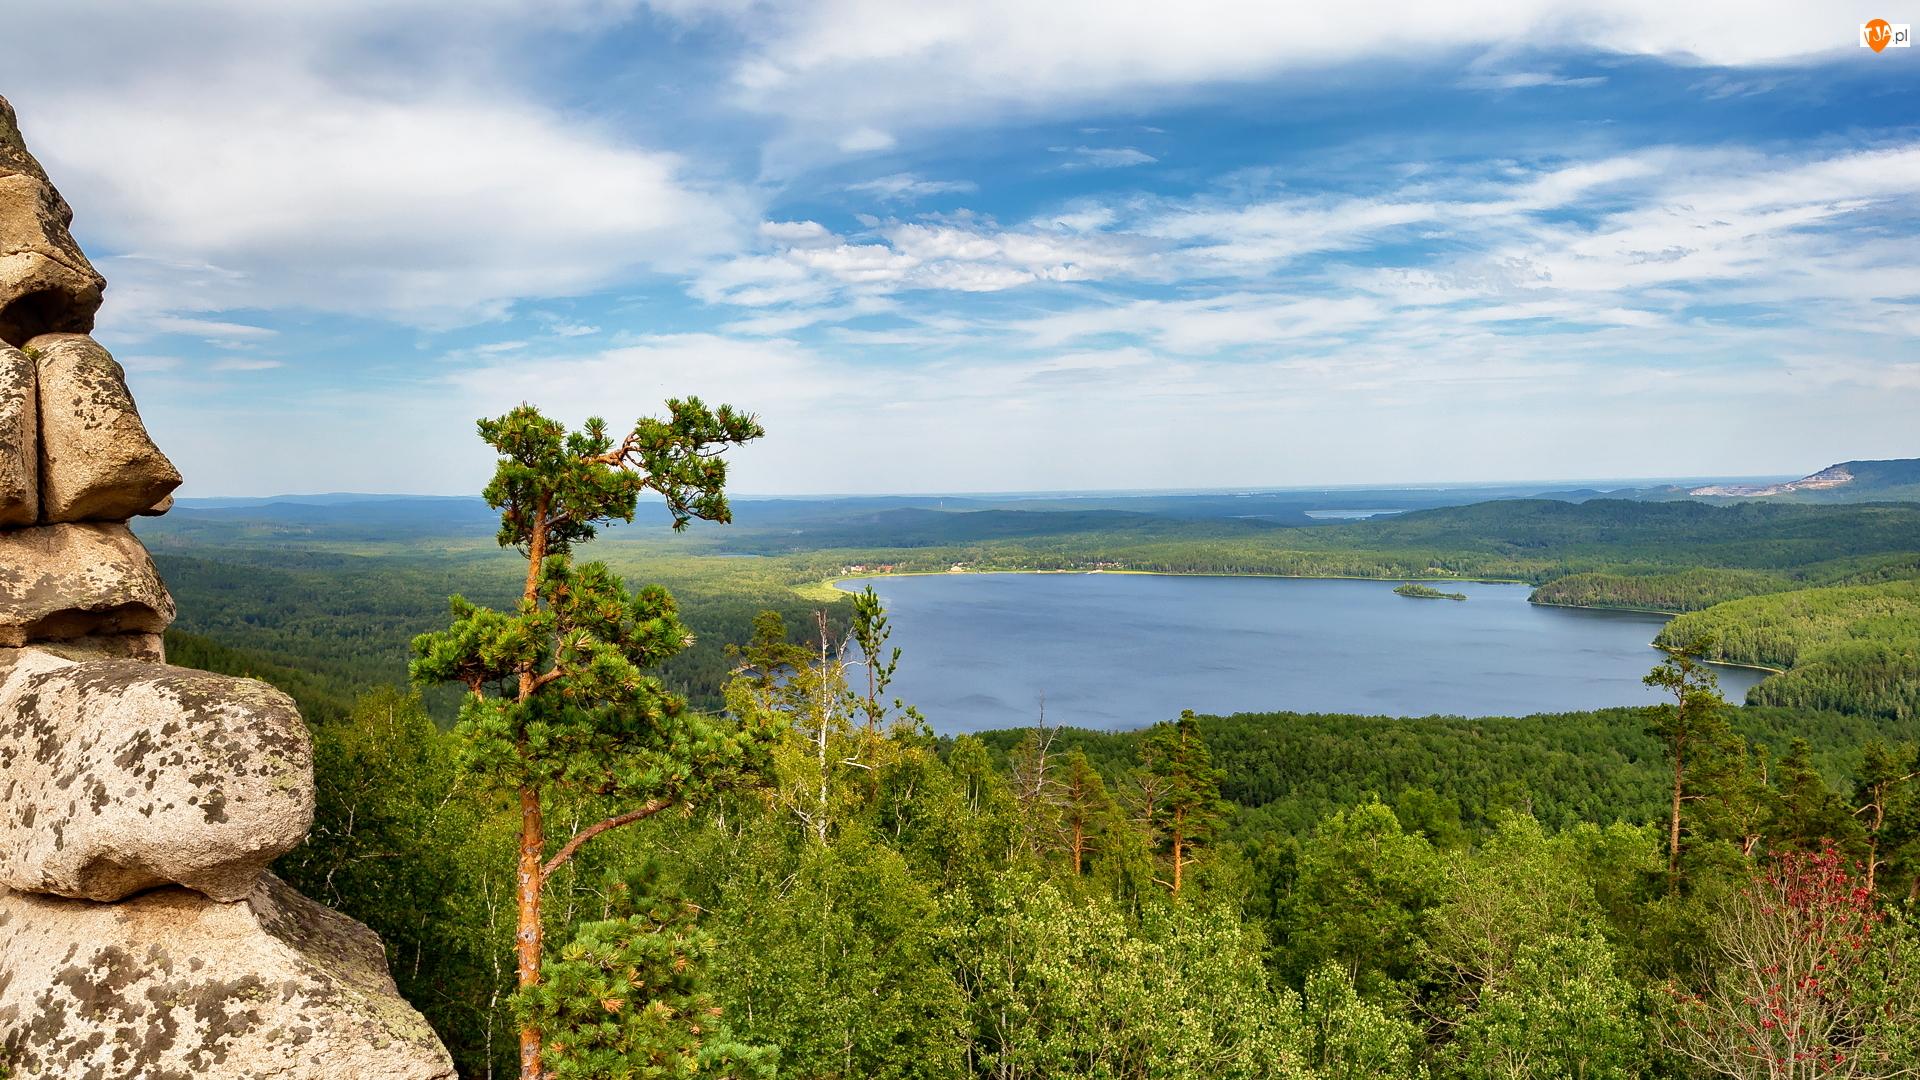 Drzewa, Jezioro Arakul, Południowy Ural, Rosja, Skała, Obwód czelabiński